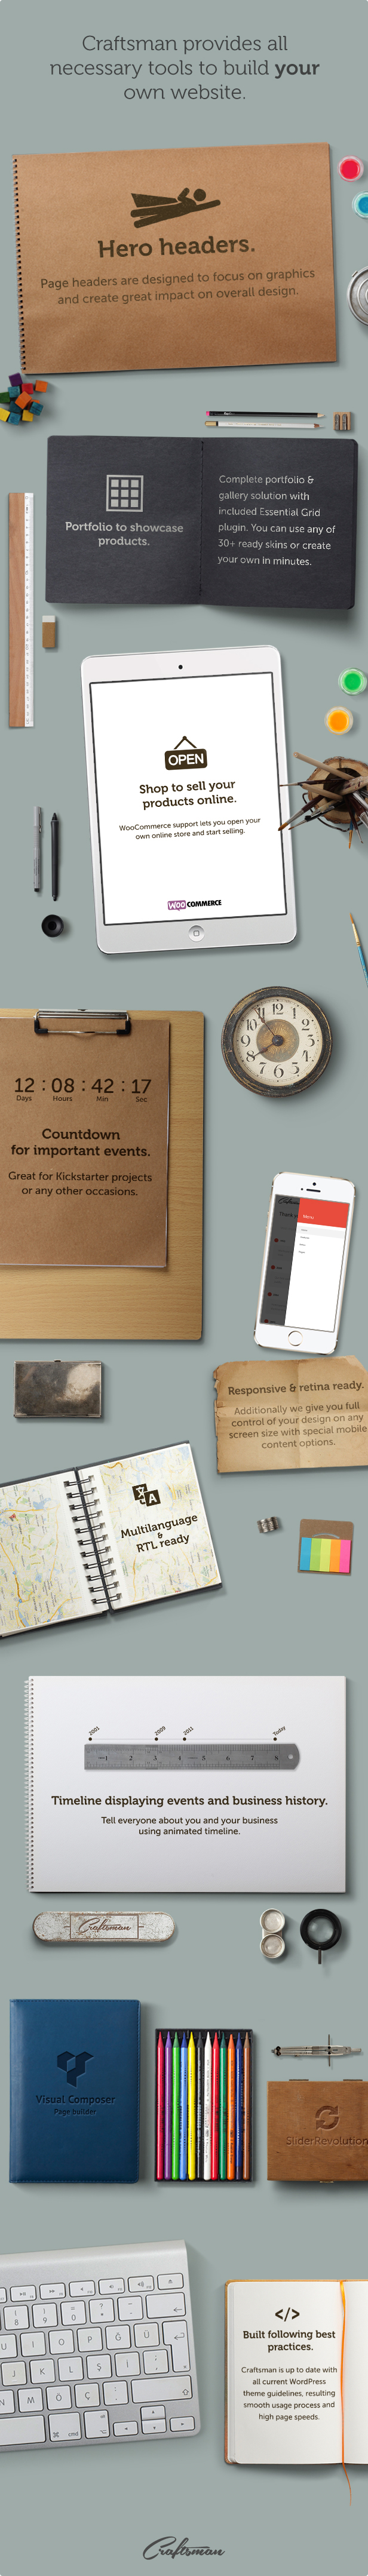 Craftsman | WordPress Craftsmanship Theme - 6